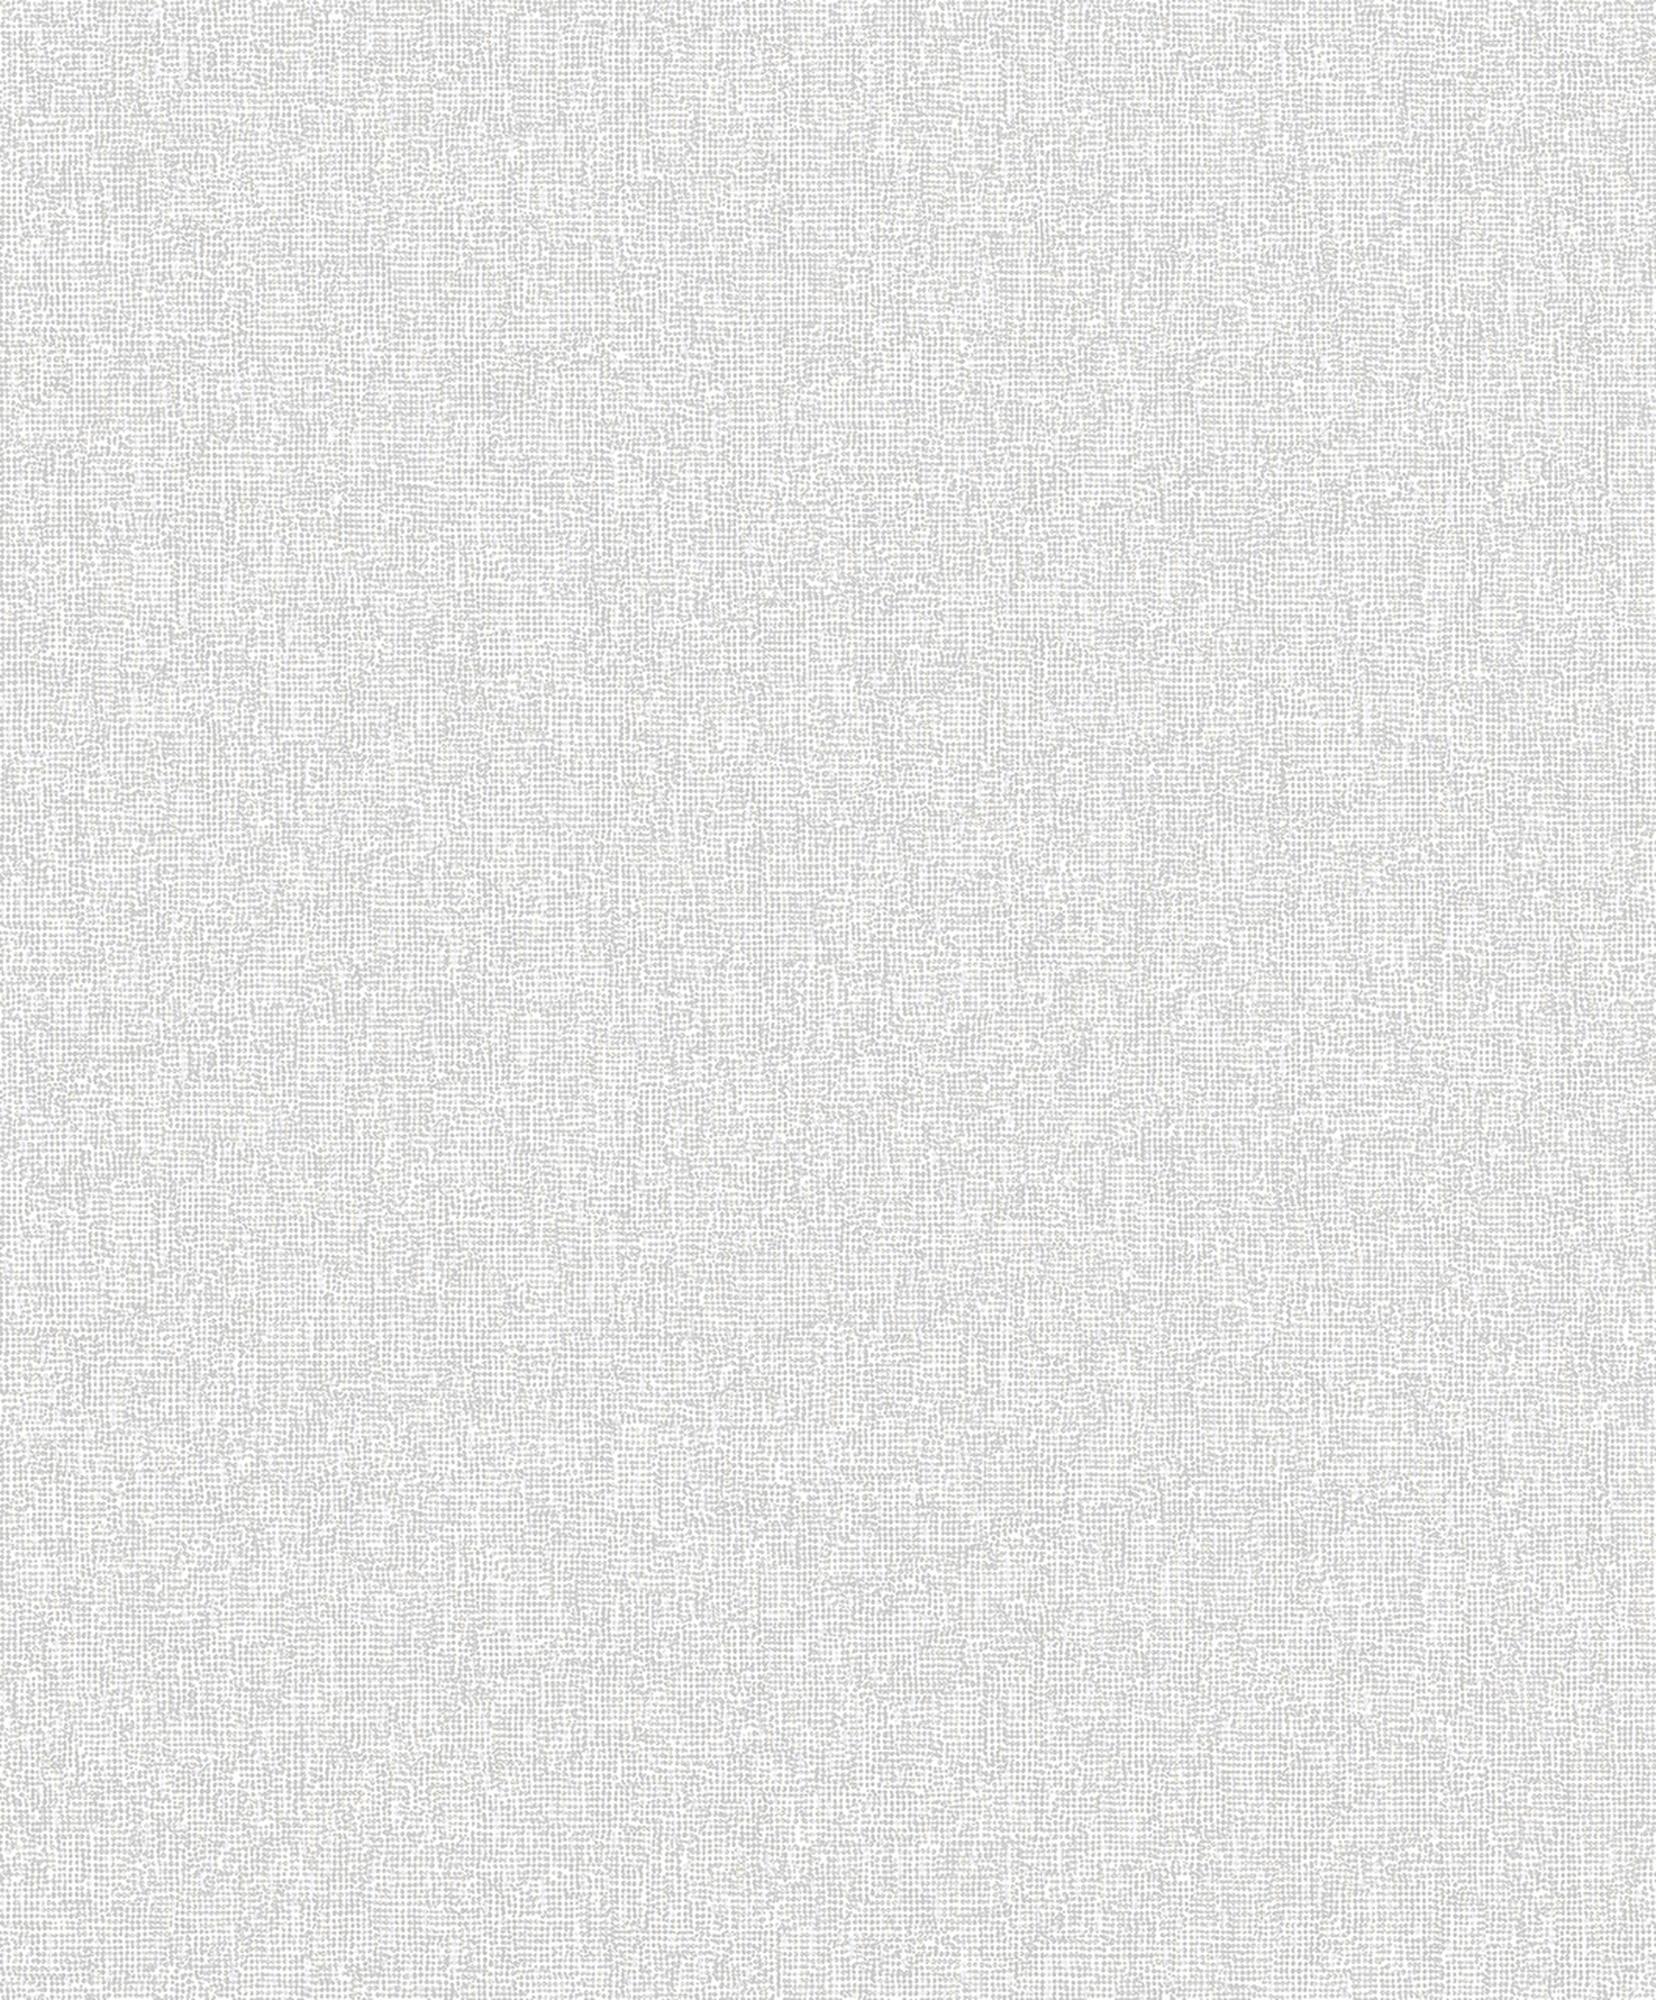 Hình ảnh màu xám trắng